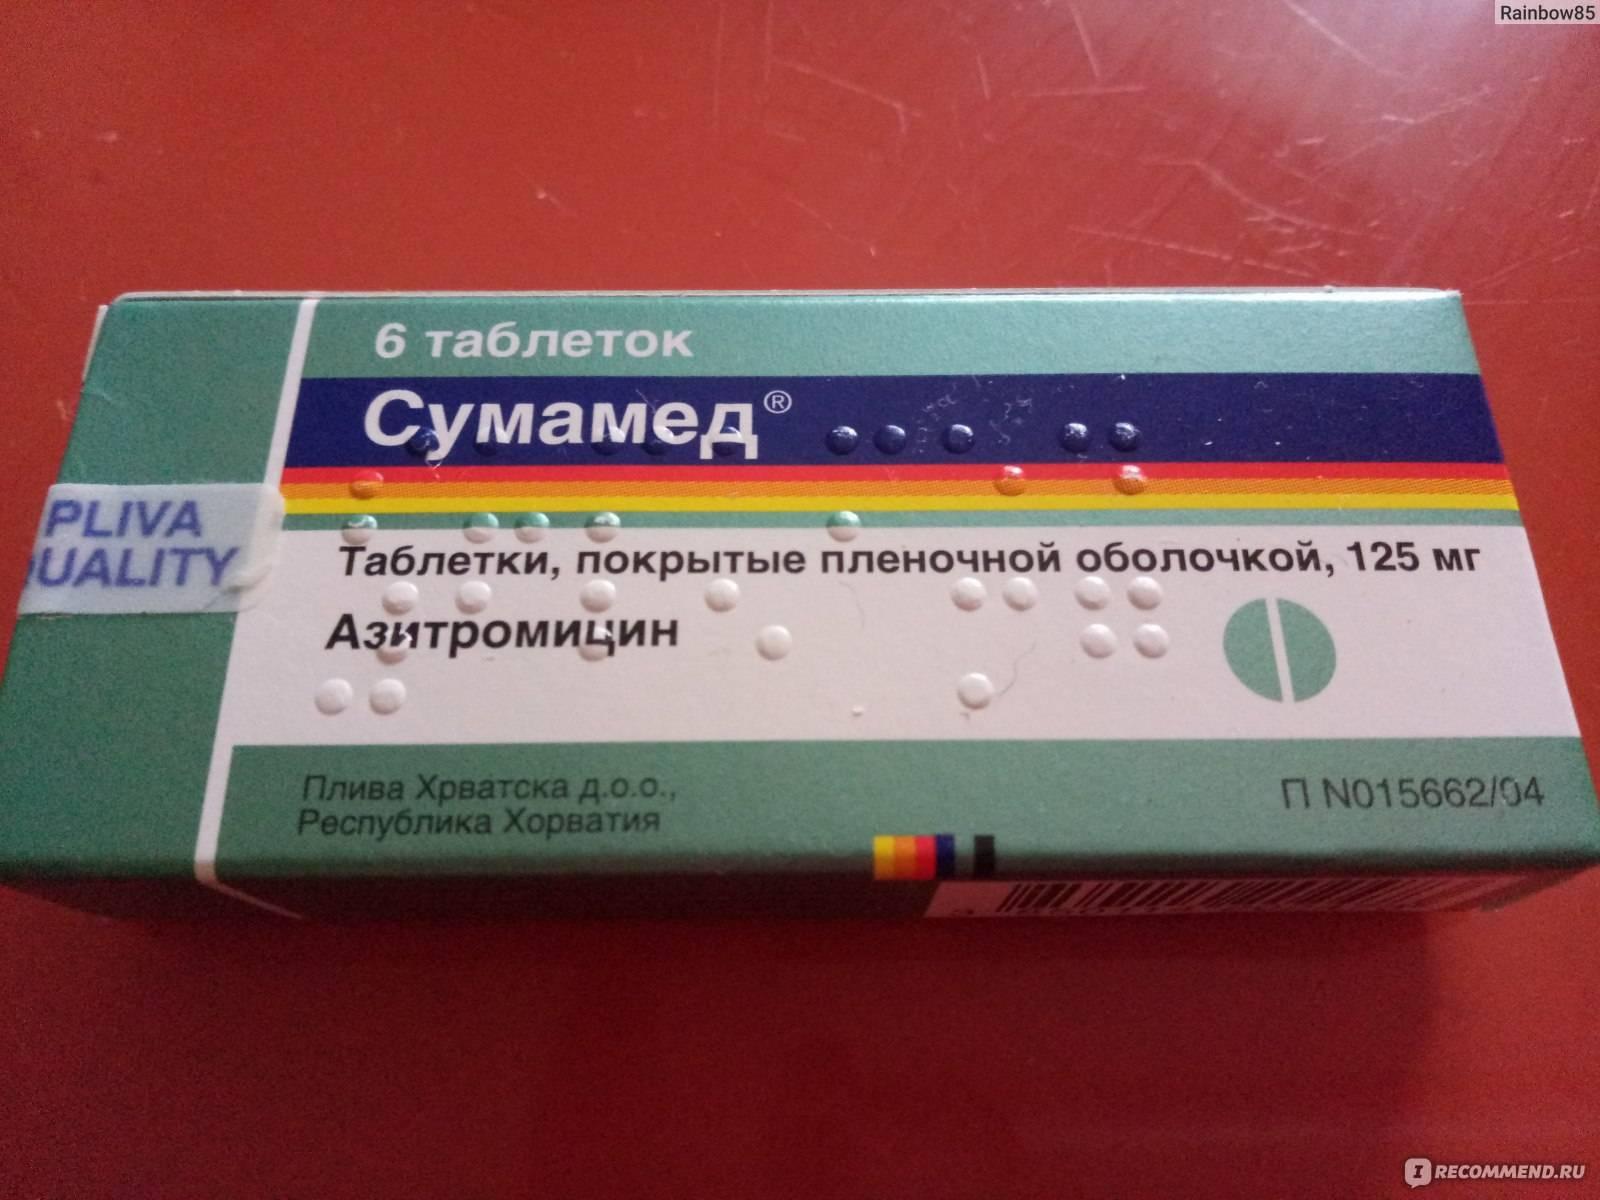 Антибиотики при зубной боли: какие применять при пульпите, воспалении десен и зубов